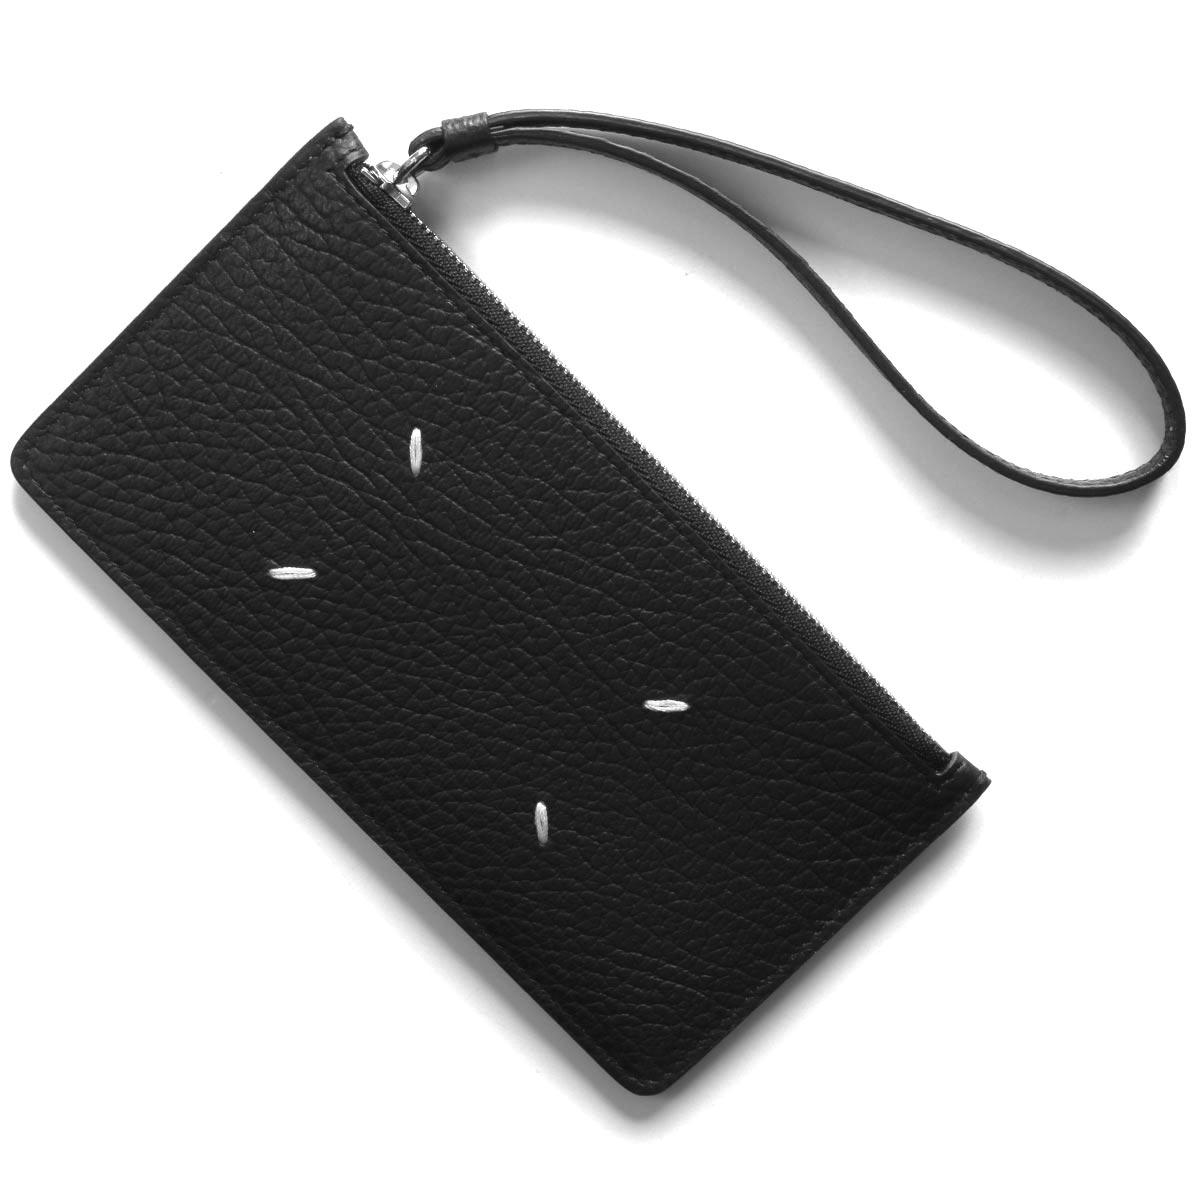 メゾンマルジェラ コインケース【小銭入れ】 財布 レディース ブラック S56UI0146 P0399 T8013 2020年春夏新作 Maison Margiela